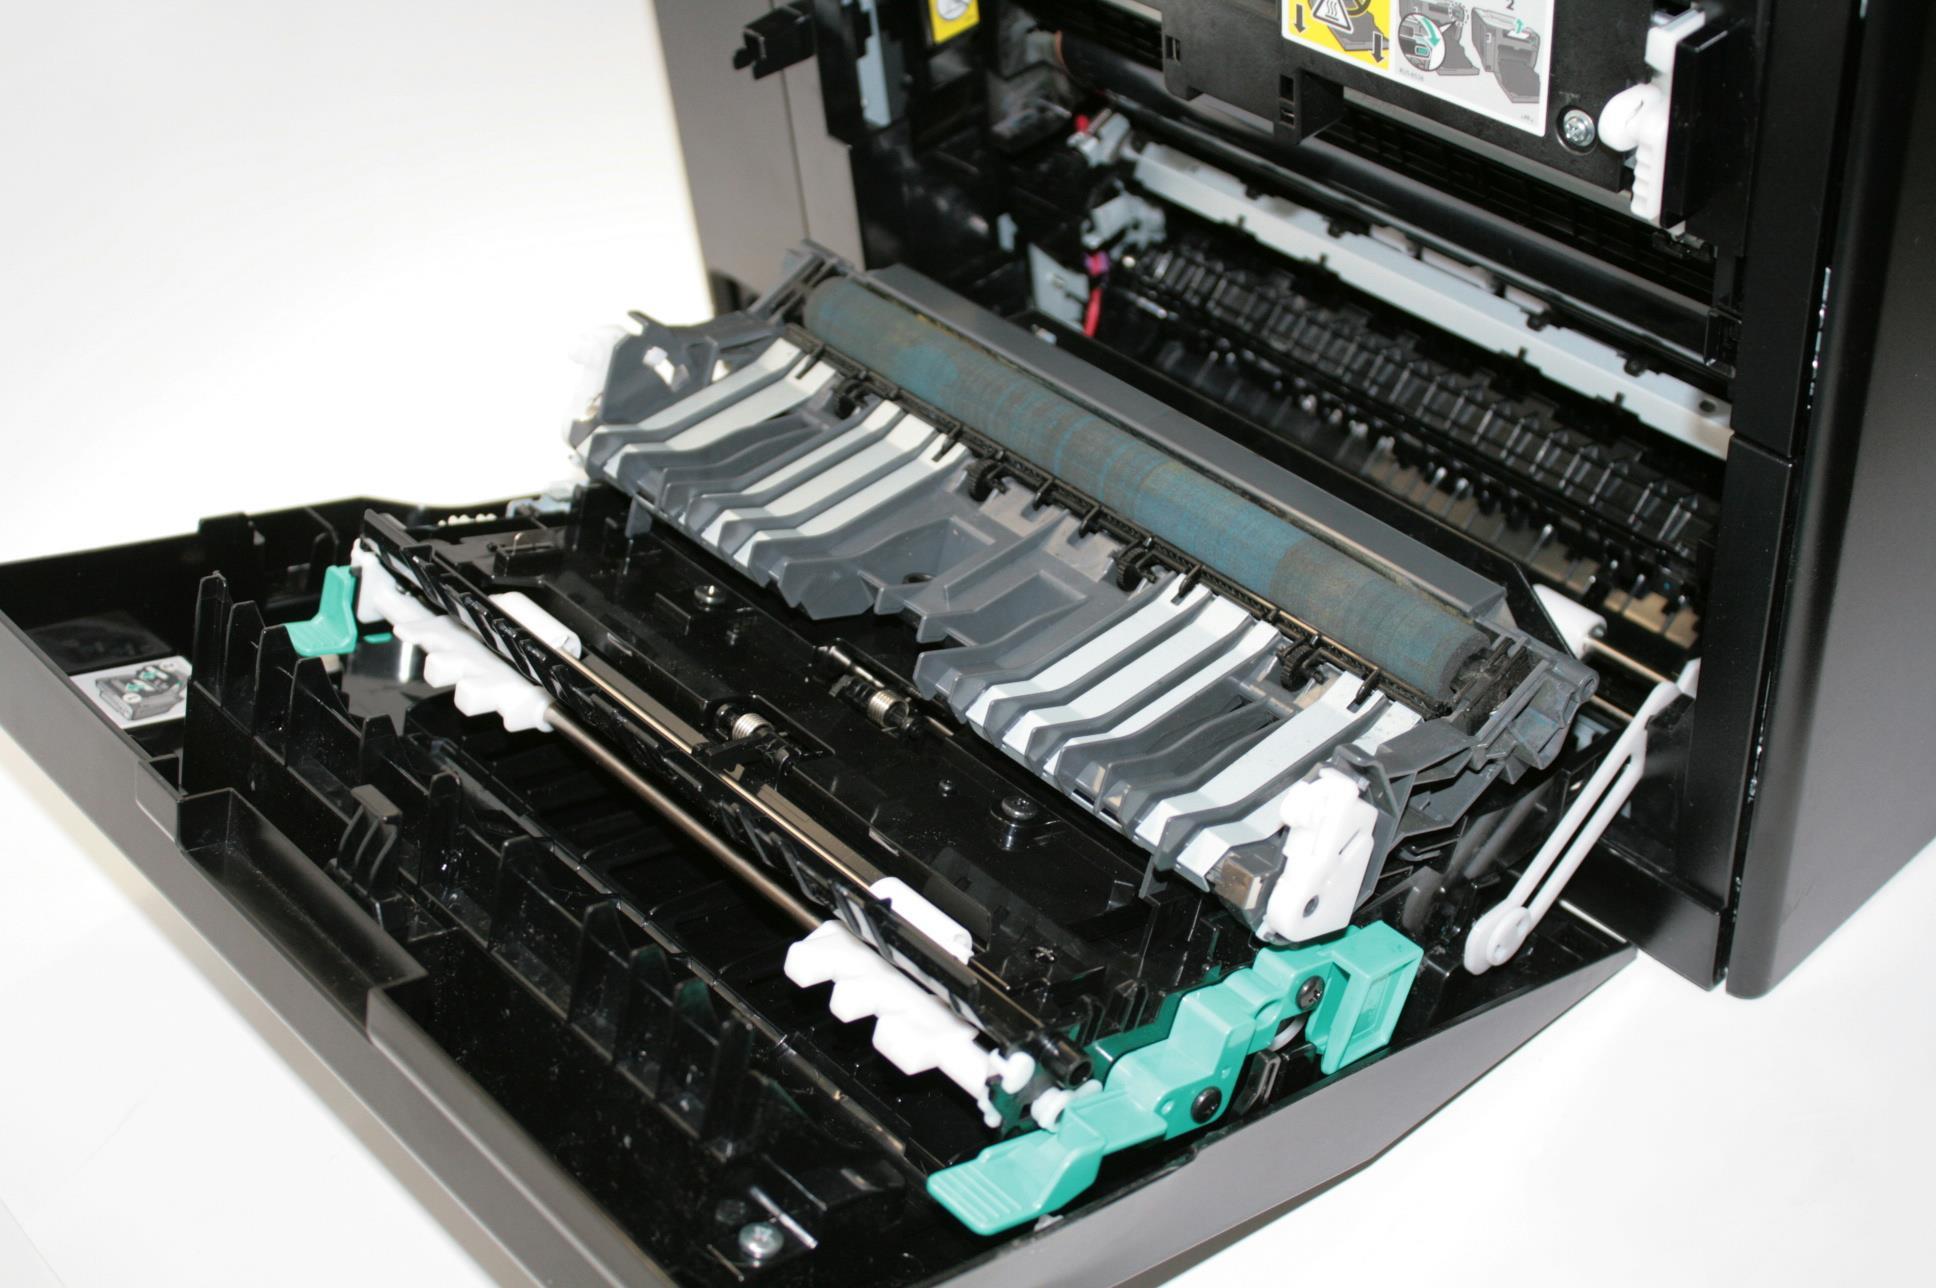 hp laserjet pro 400 color m451dn 110v as is printer. Black Bedroom Furniture Sets. Home Design Ideas